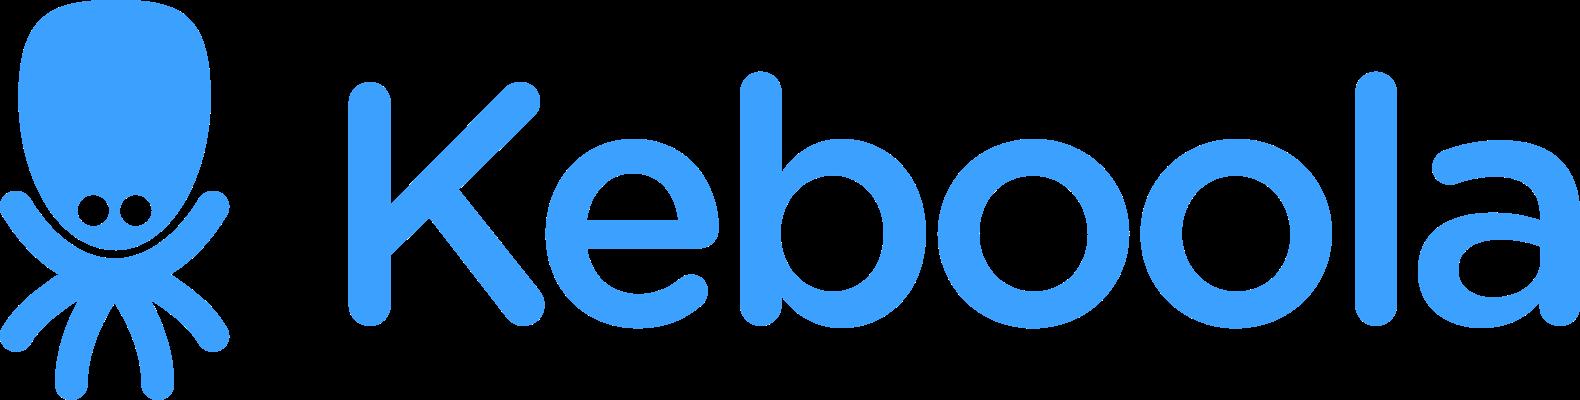 Keboola logo